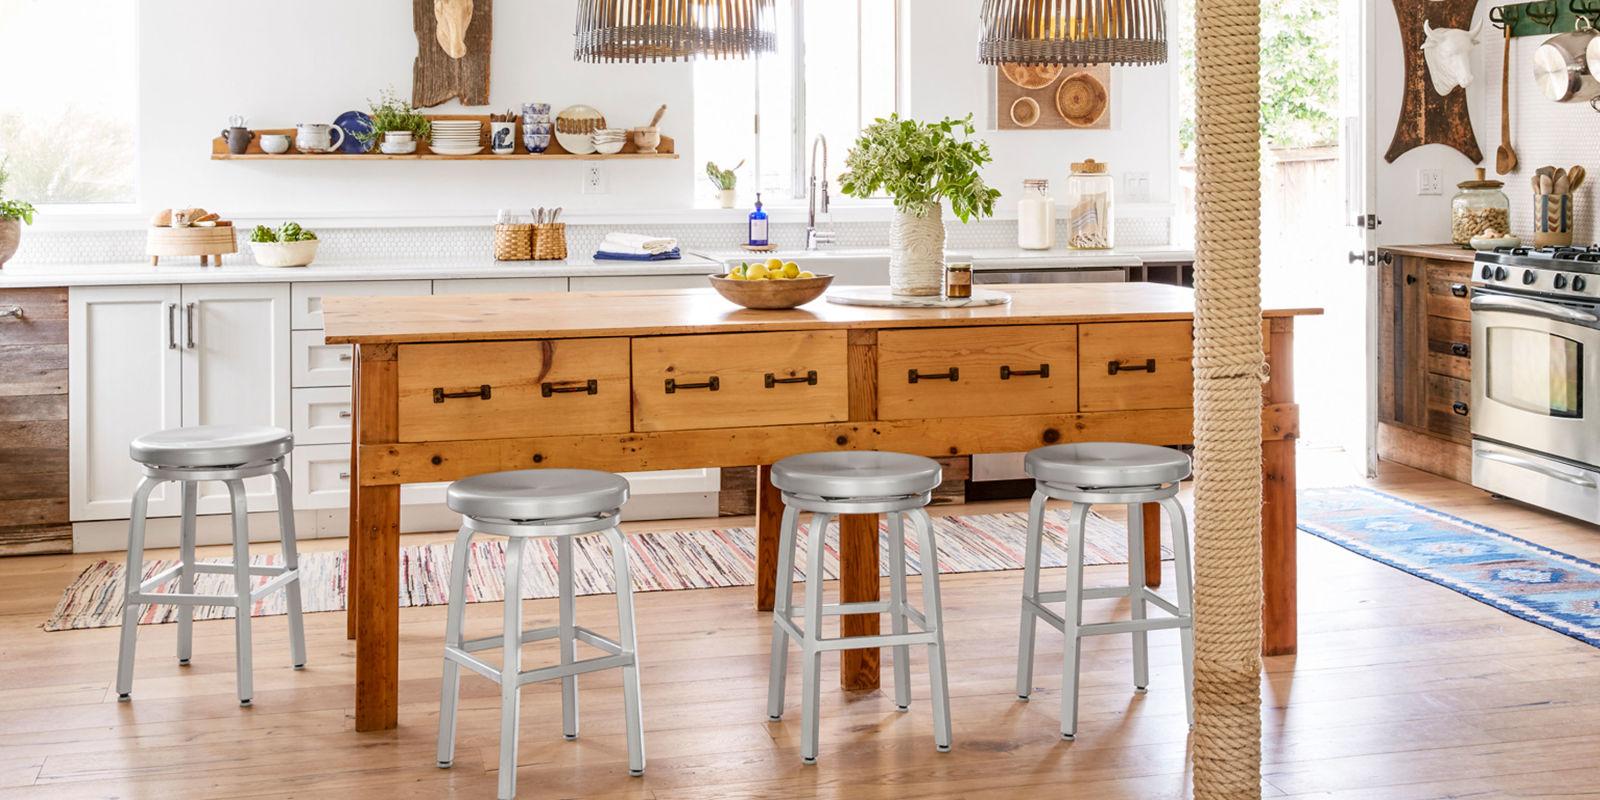 50+ Best Kitchen Island Ideas